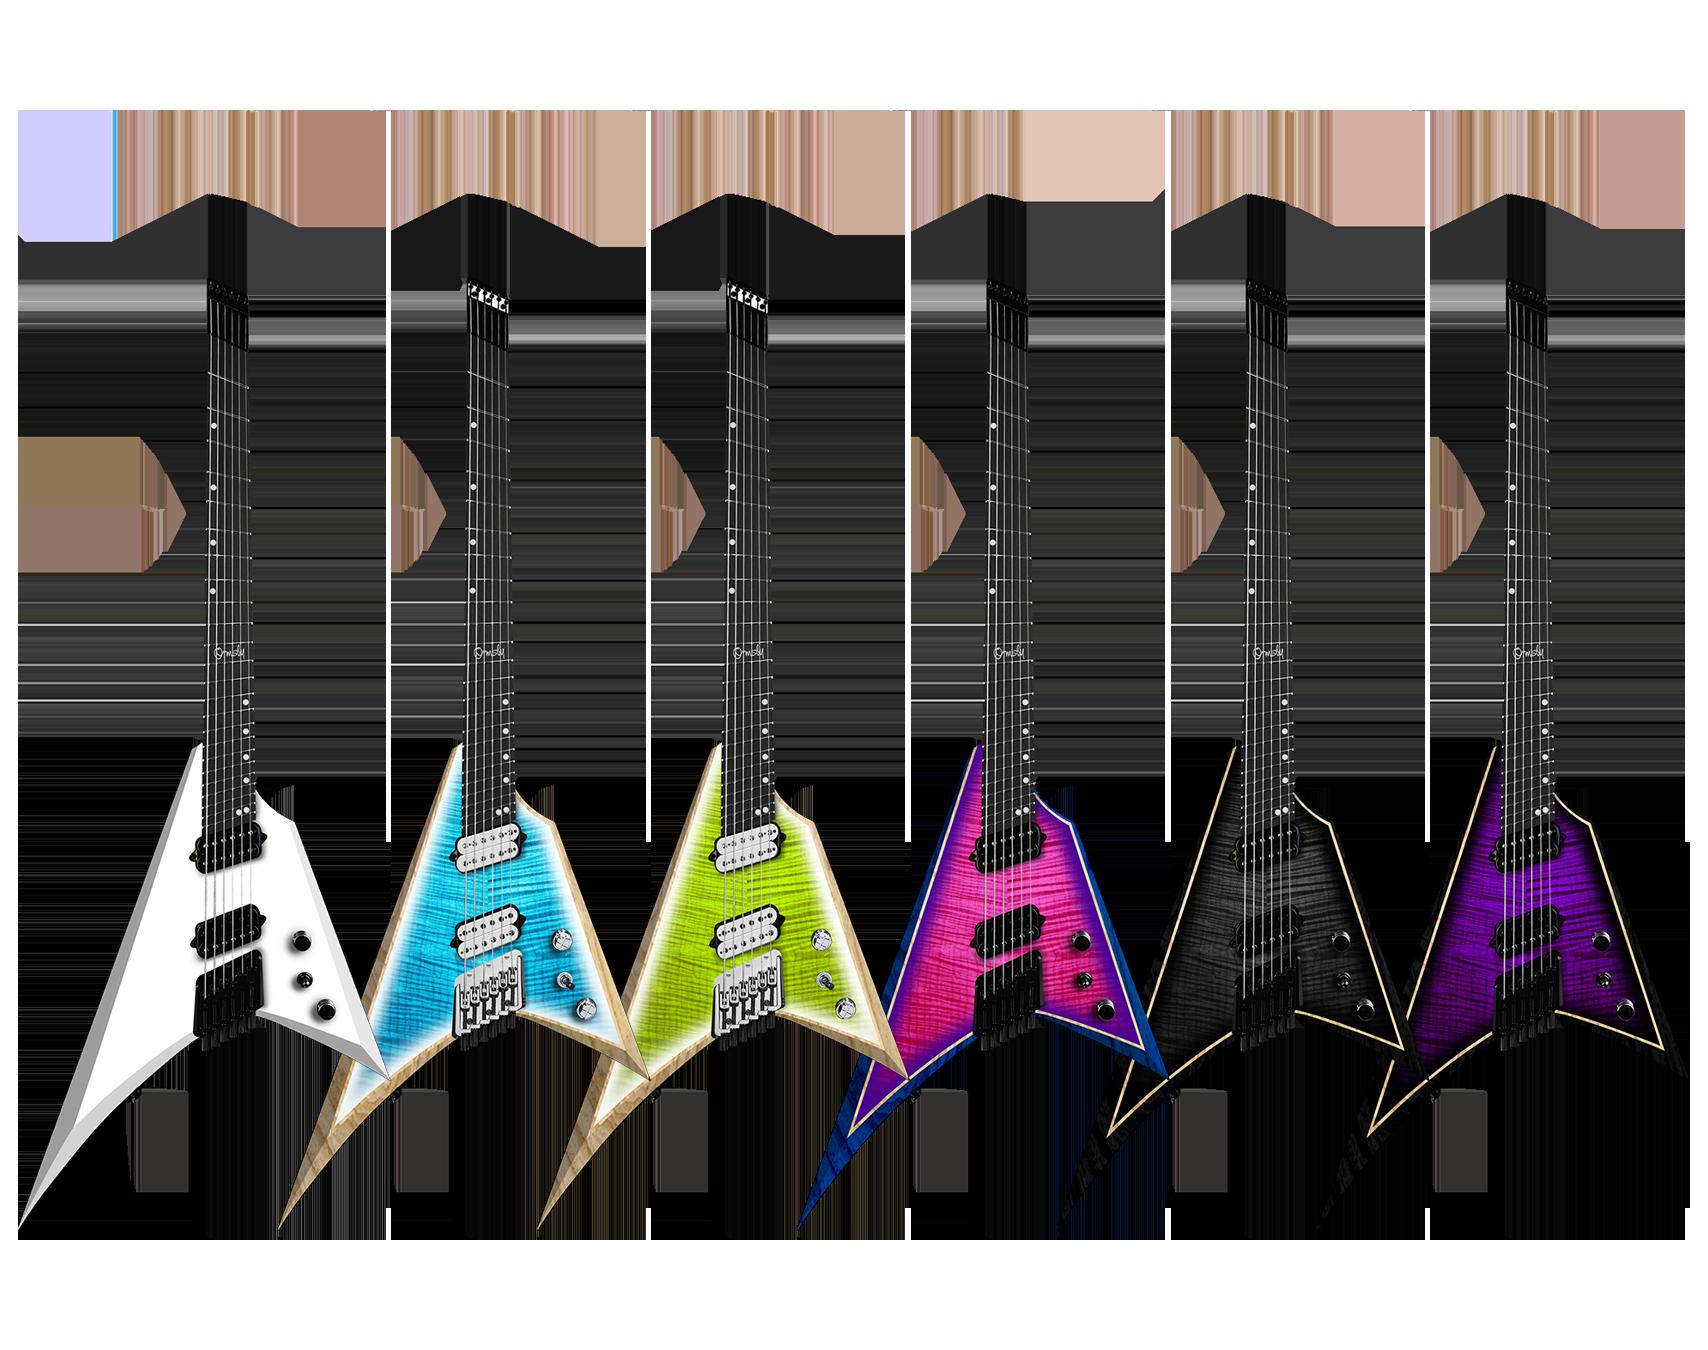 Ormsby Guitars run 16 metal v